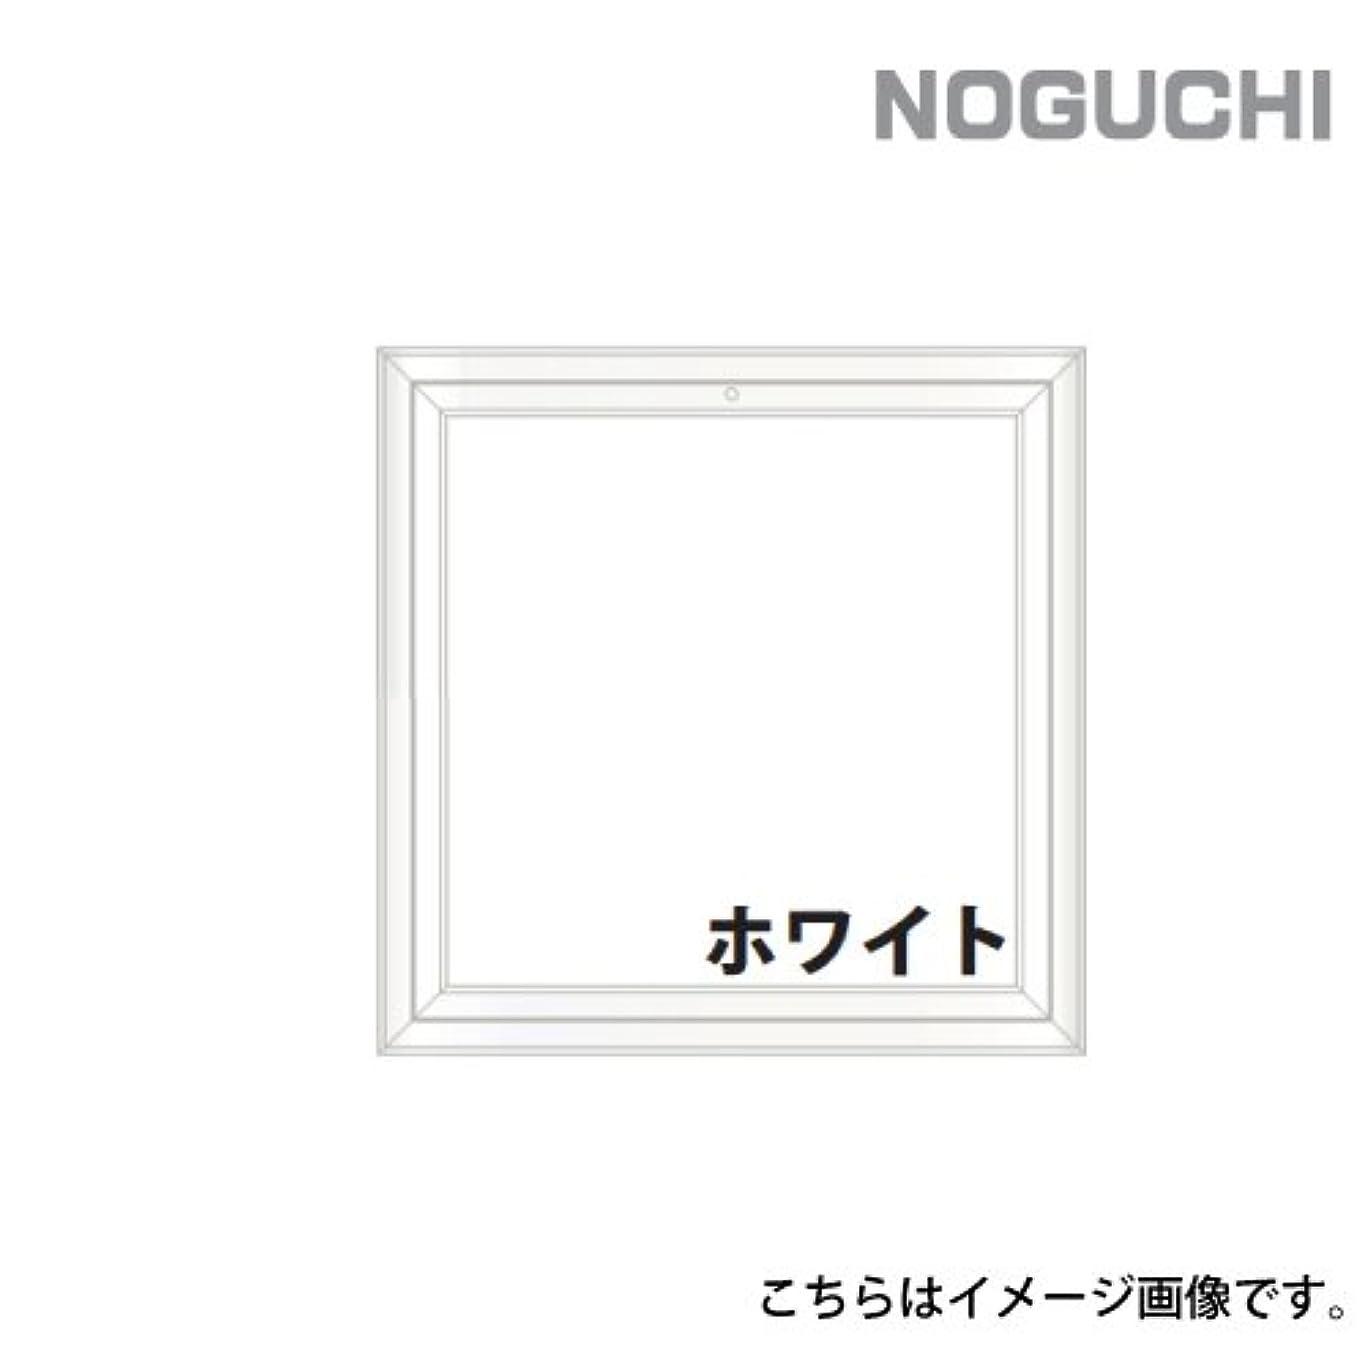 会議怒ってぴったり力王 天井点検口 28mm対応 ACHD45W ホワイト NOGUCHI